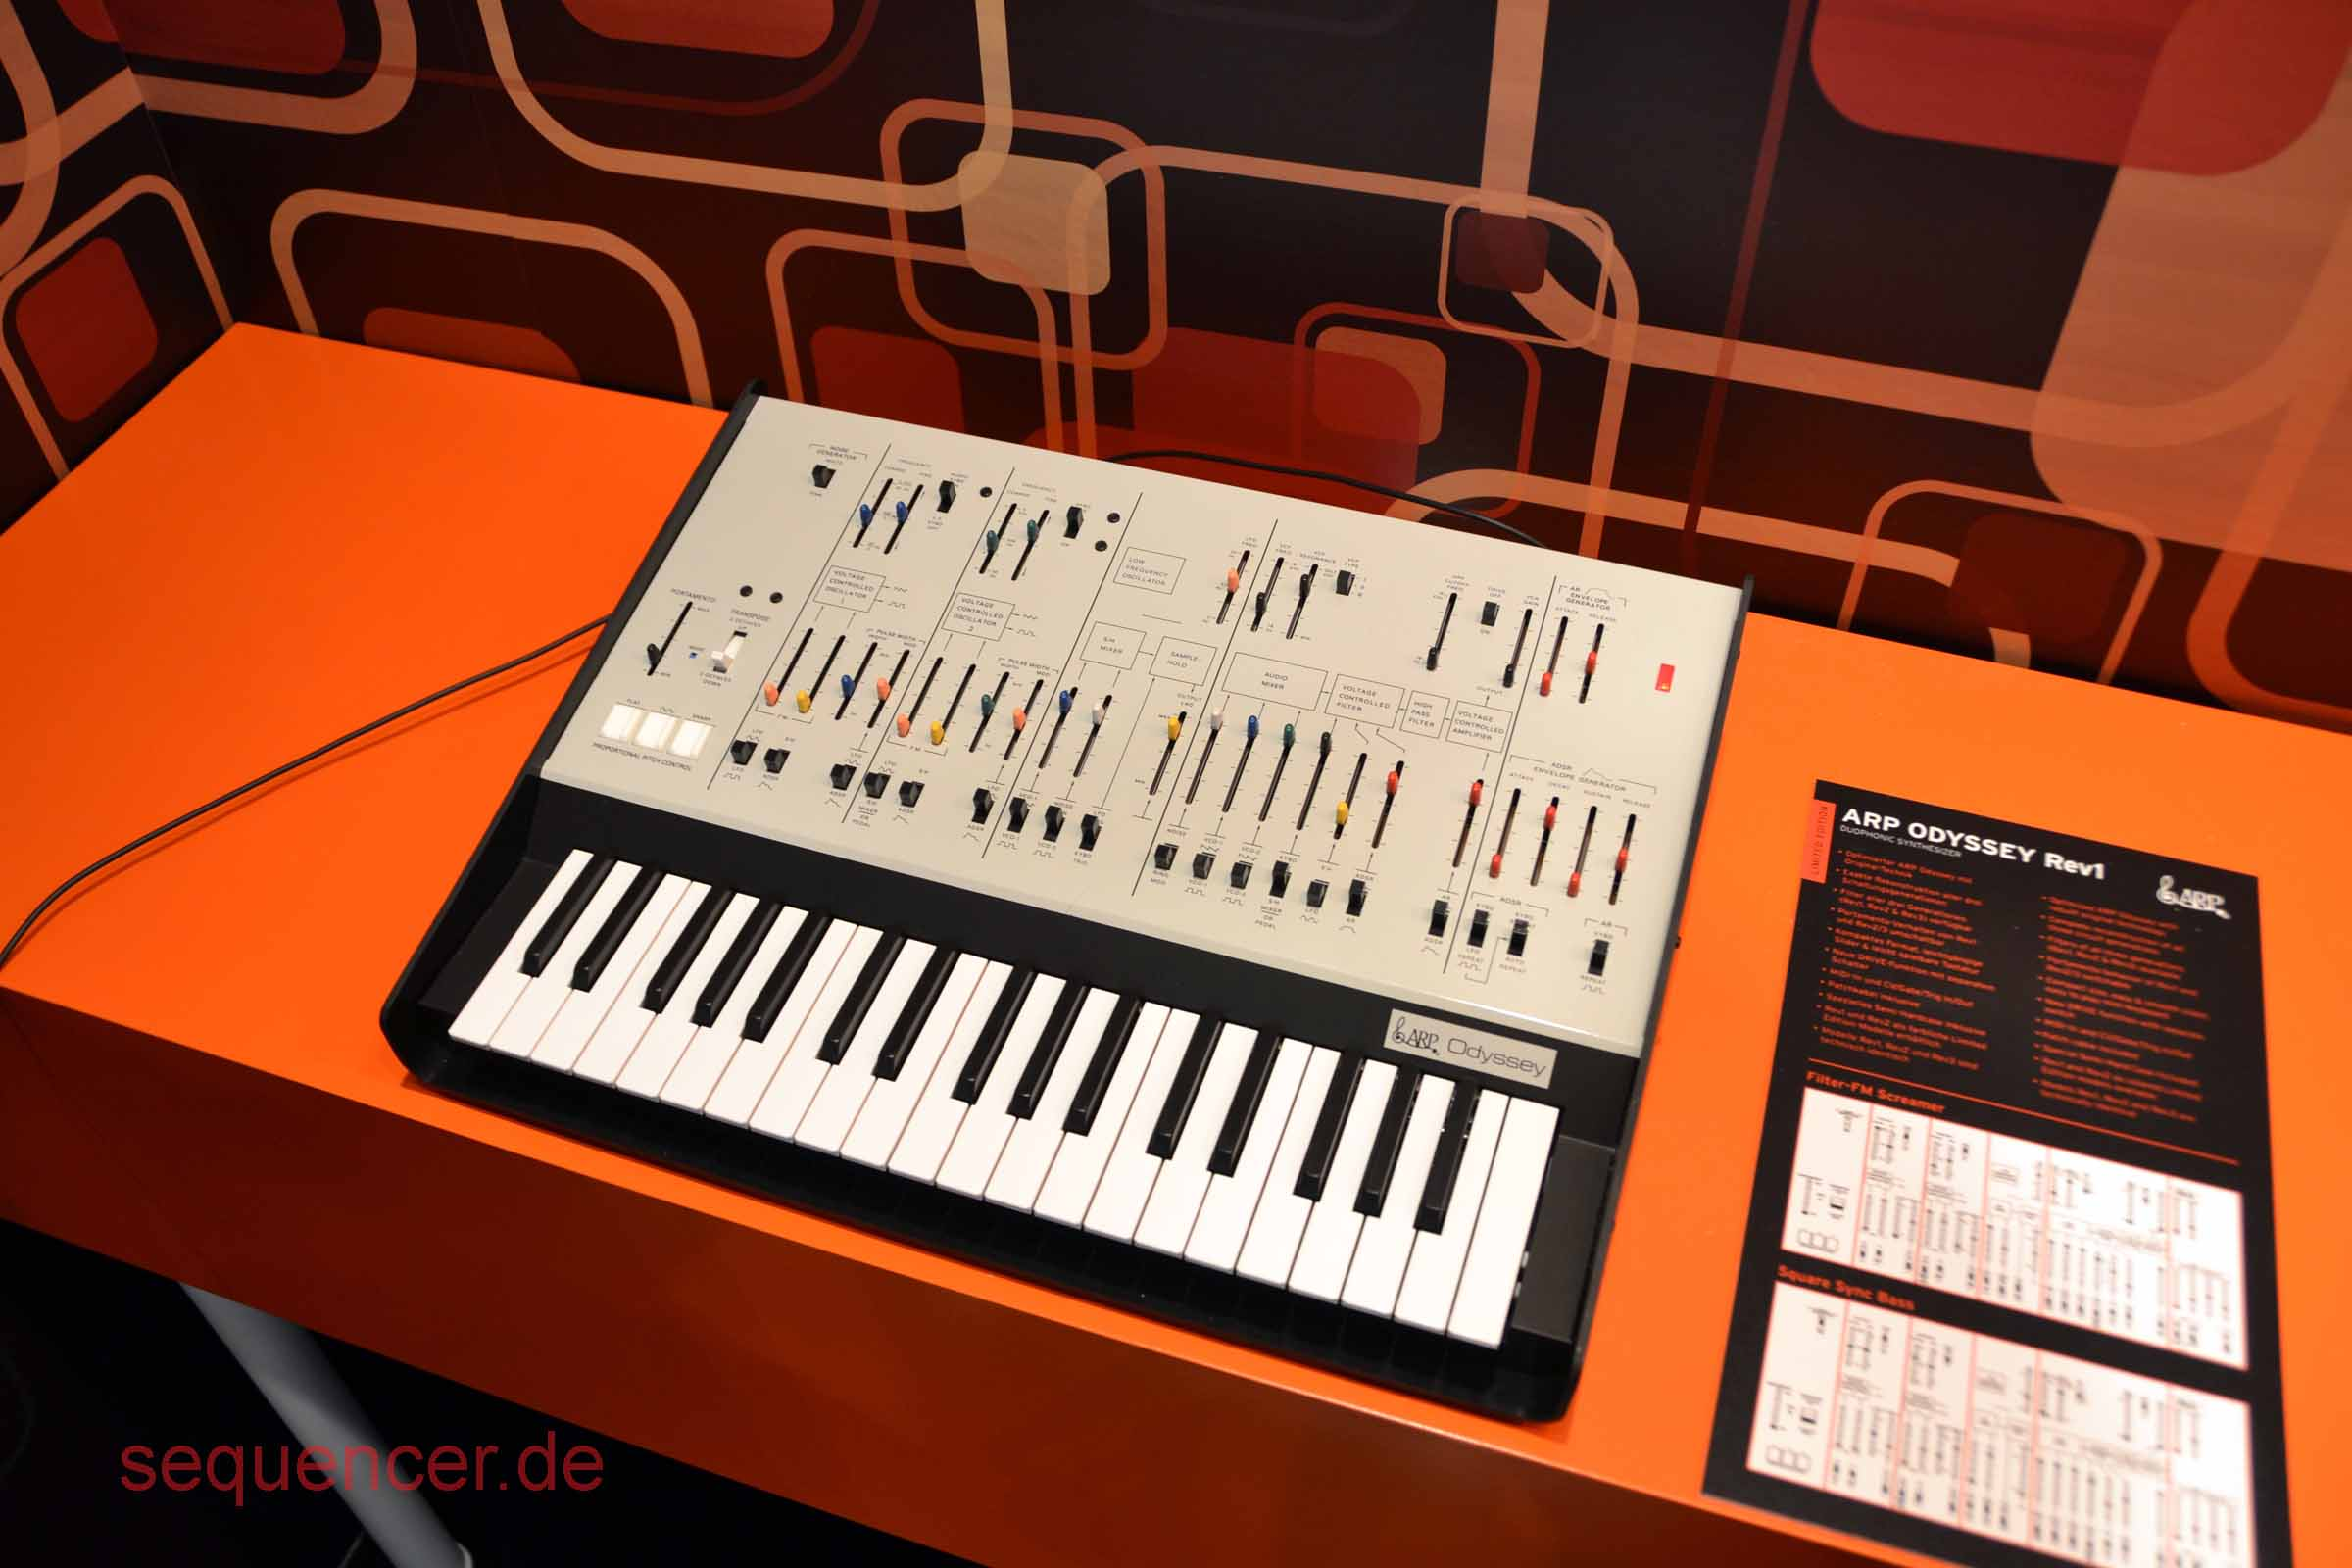 Korg Odyssey Rev1 Korg Odyssey Rev1 synthesizer